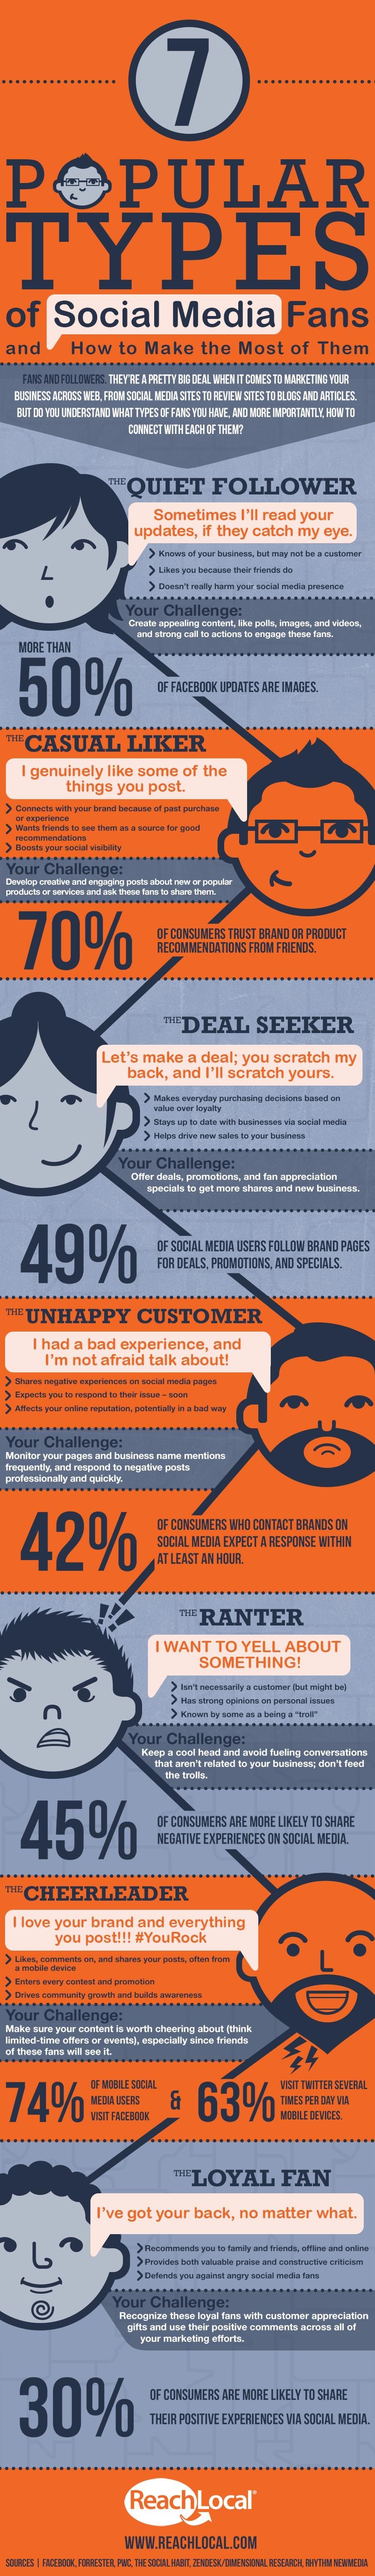 7 typen social media-fans- hoe communiceer je met hen? [infographic]